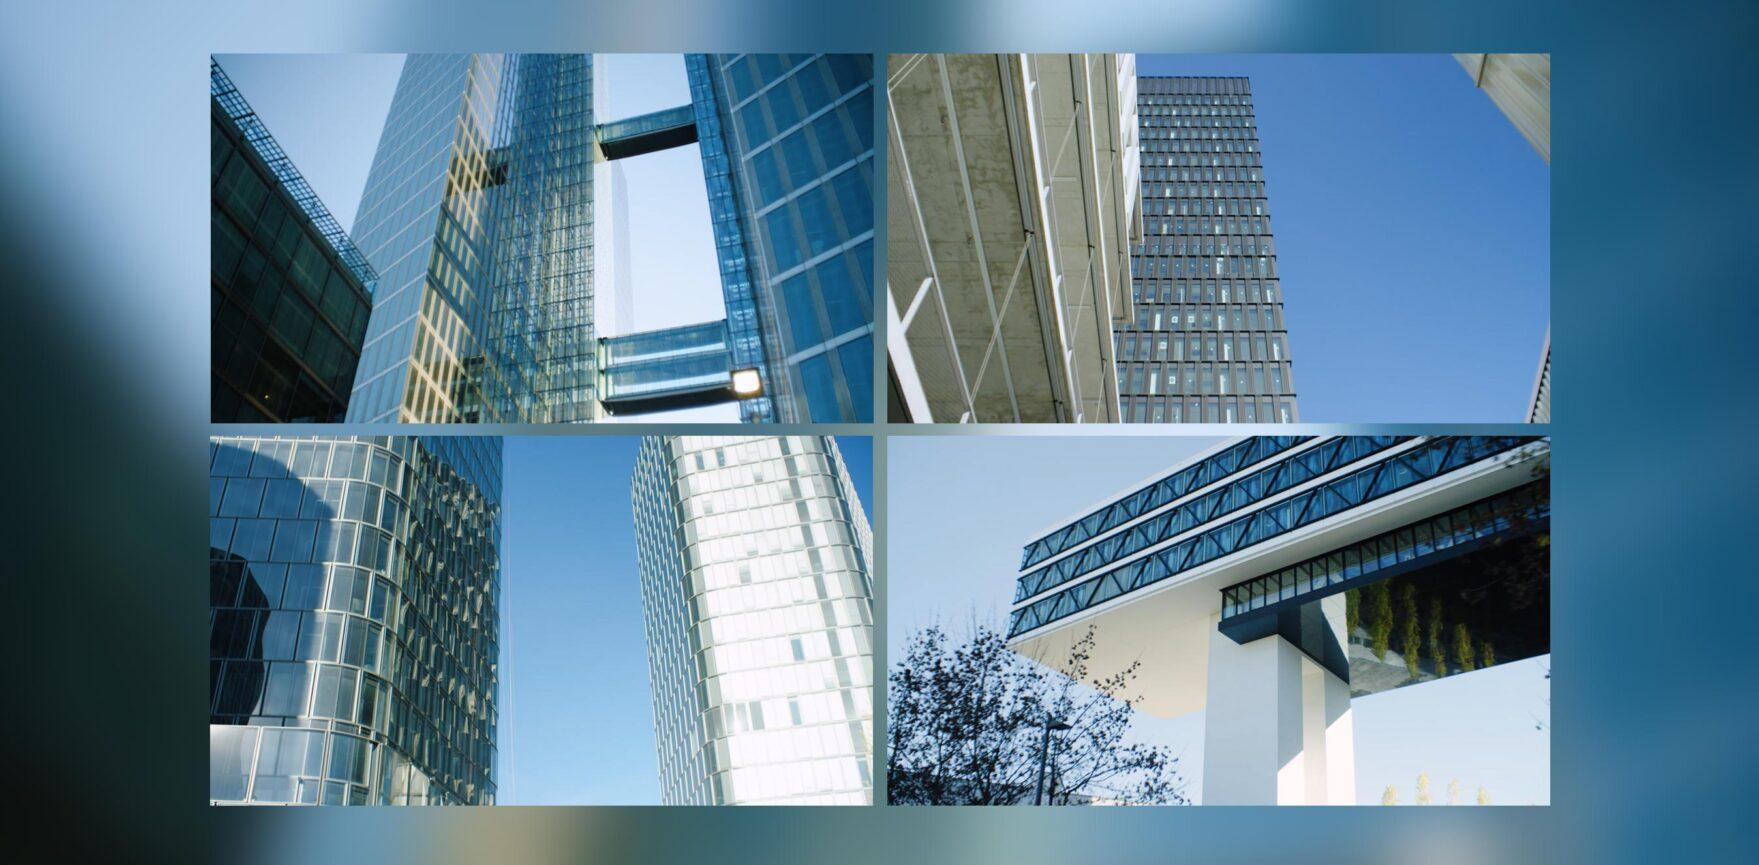 Landeshauptstadt München Erklärvideo Hochhausstudie Stills Gebäude Video